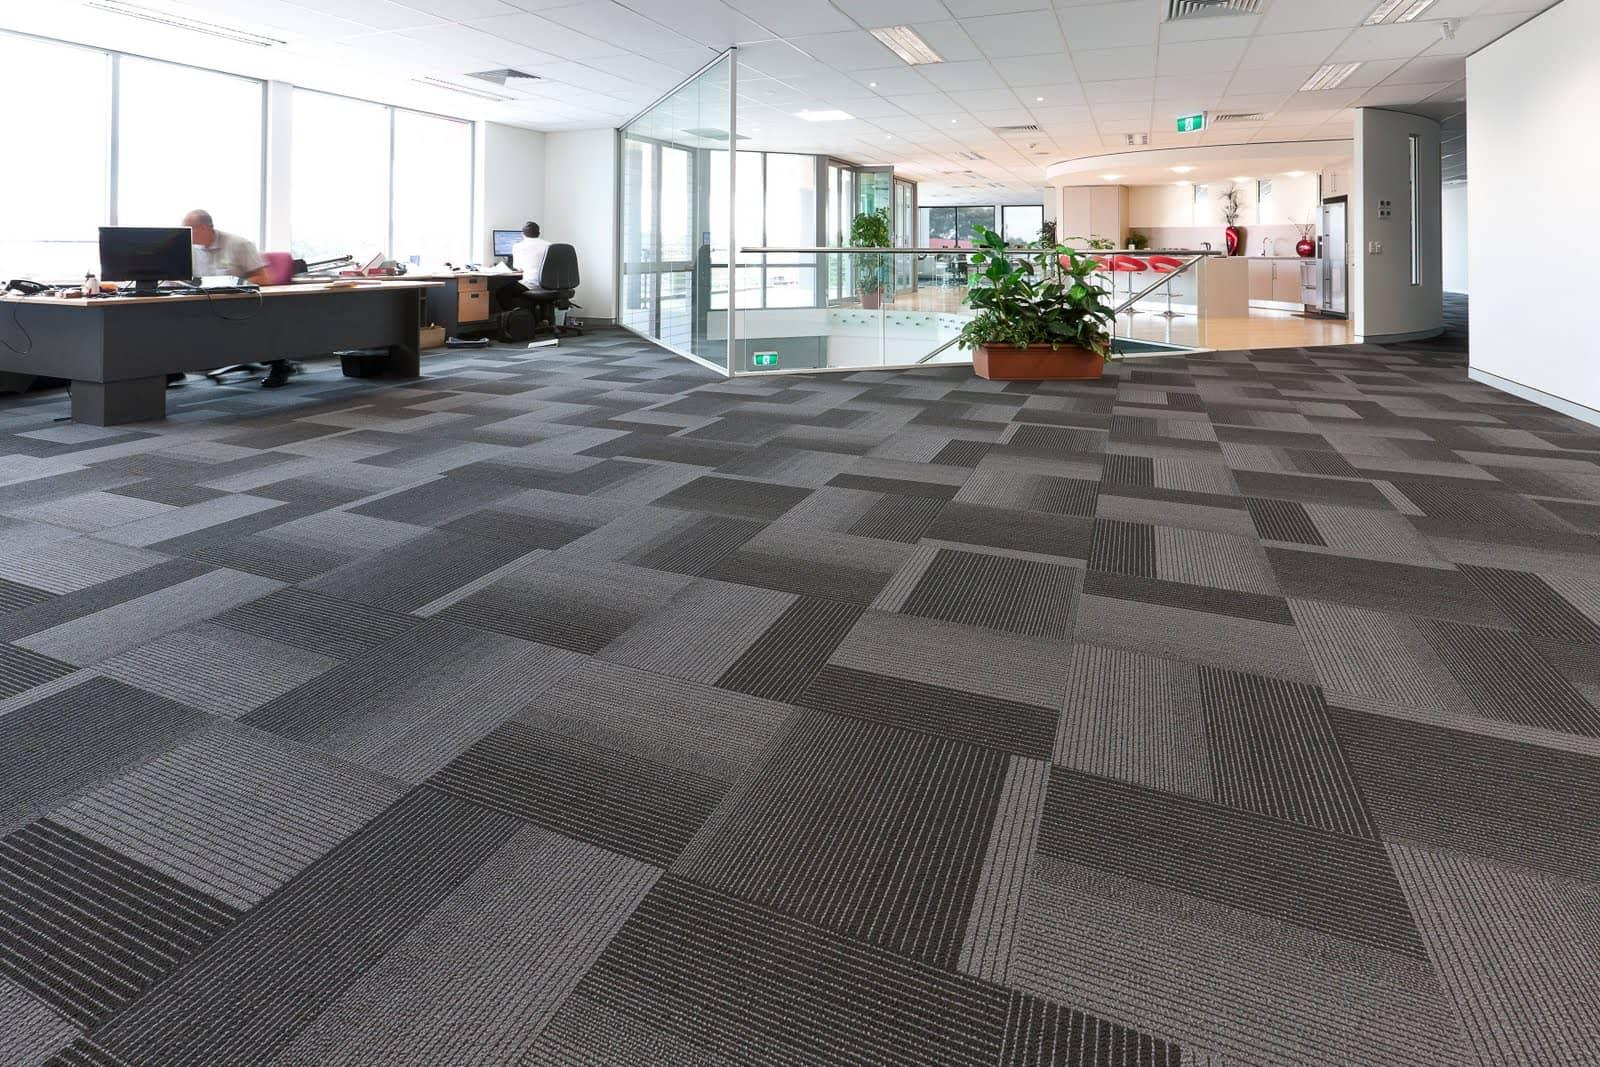 Kontor med store teppefliser i lyst grå og mørt grå